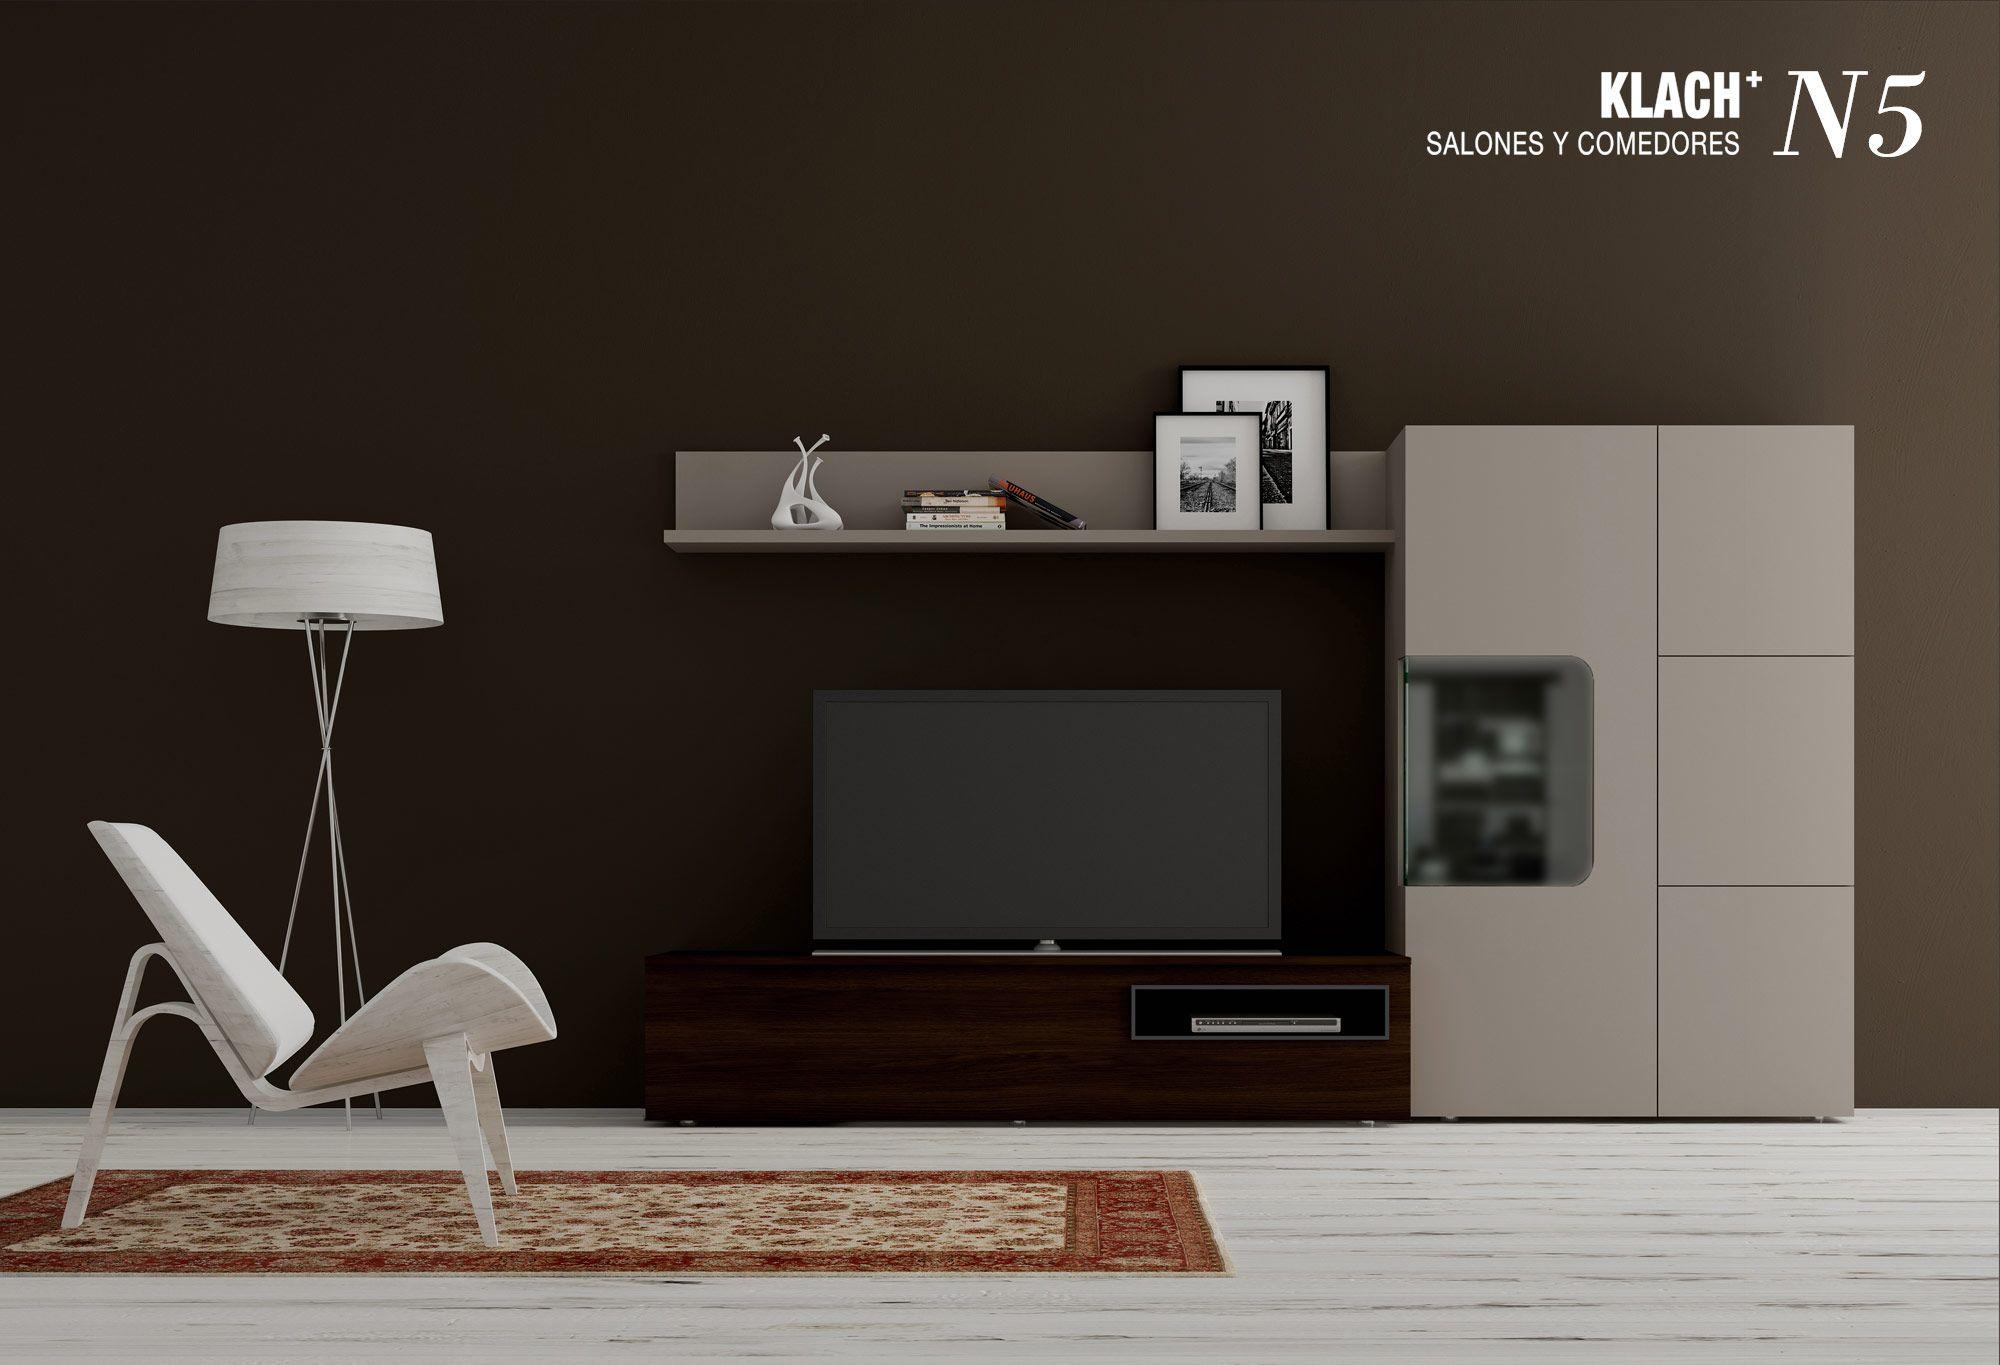 Klach n5 muebles hermida muebles de sal n y comedor klach pinterest - Hermida muebles ...